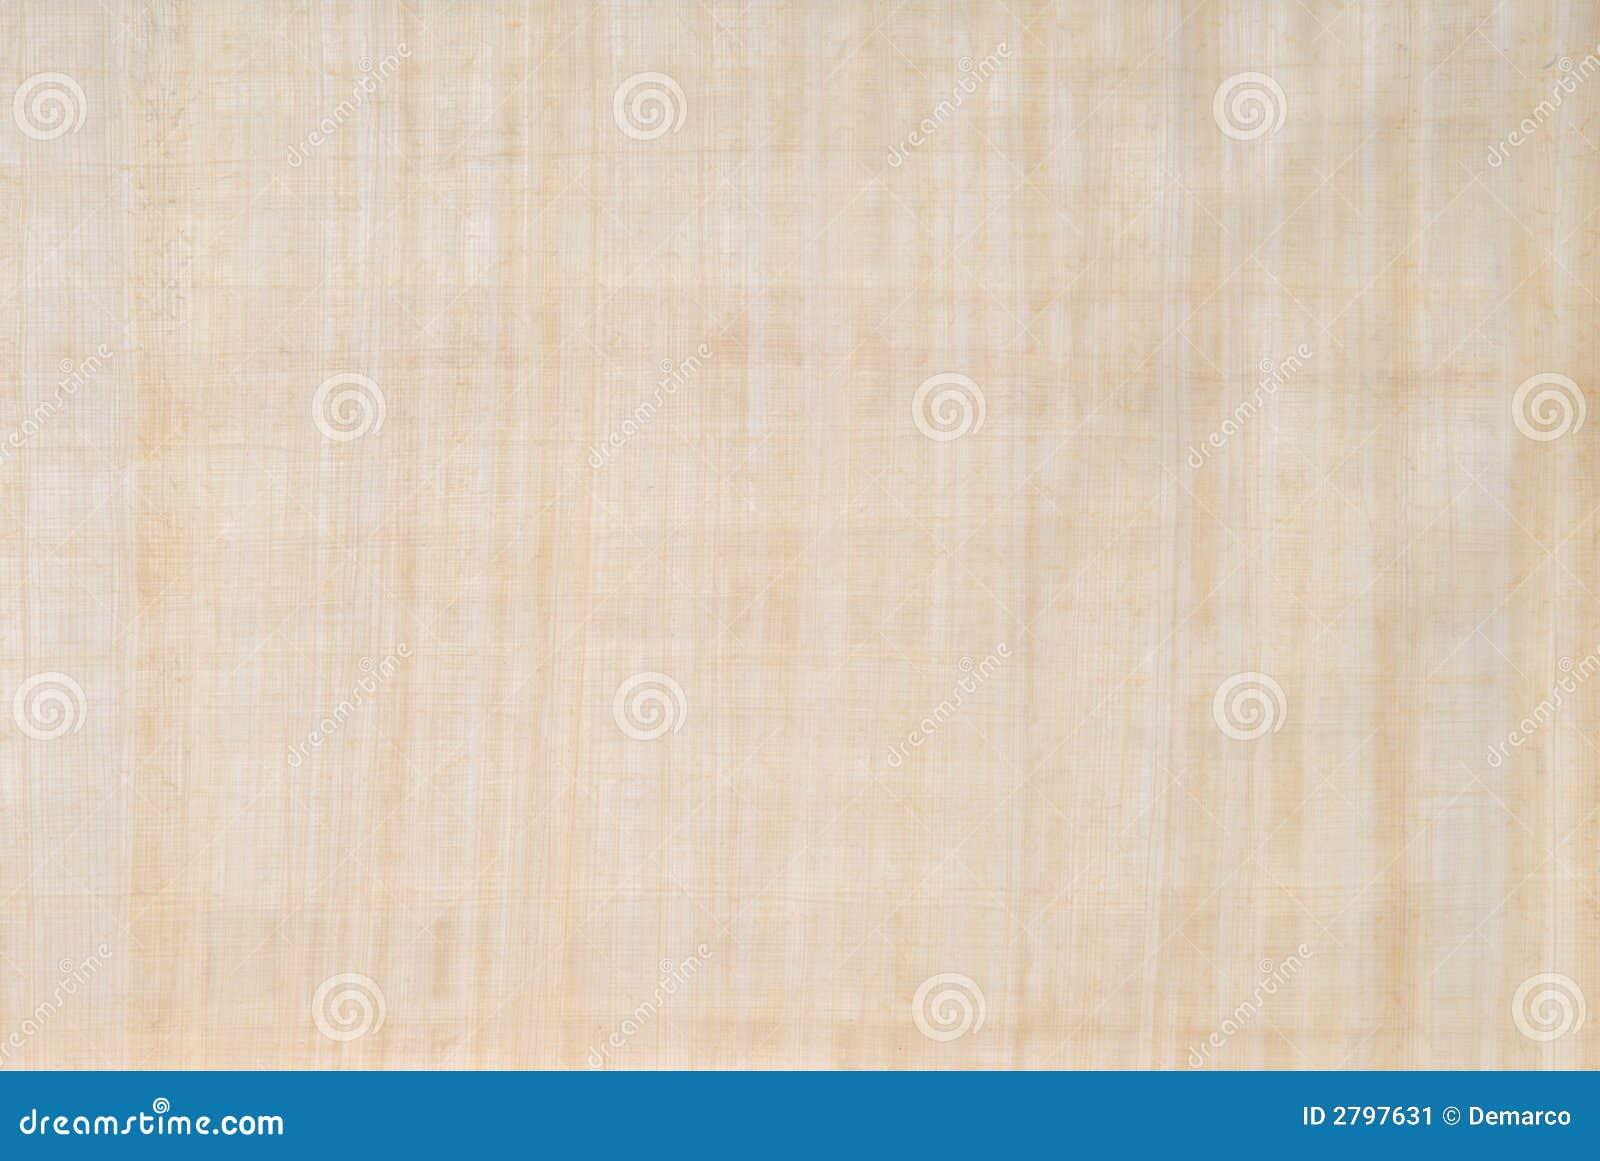 Papyrus Paper Papyrus paper